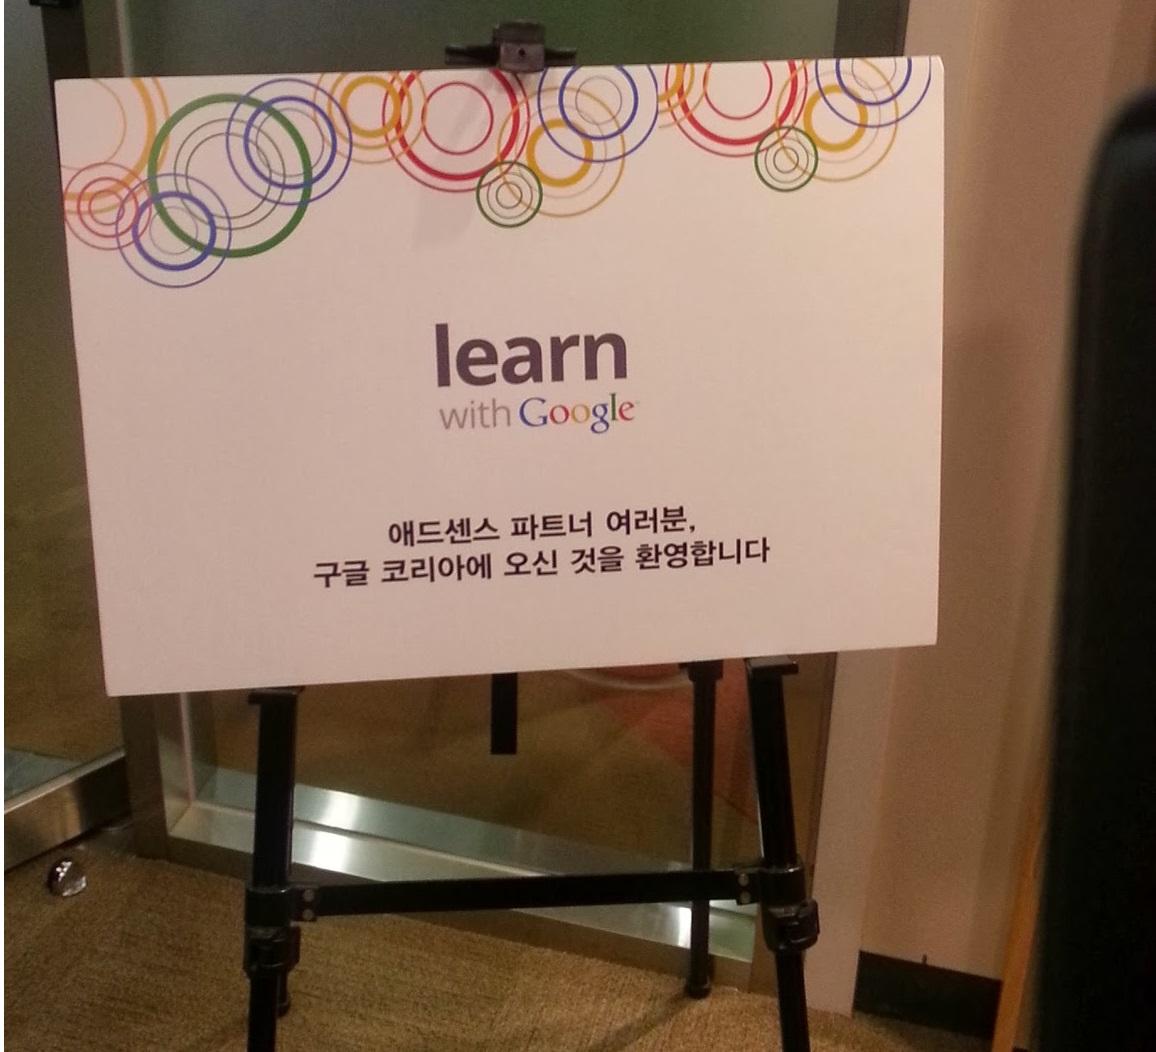 구글의 Learn with Google환영인사